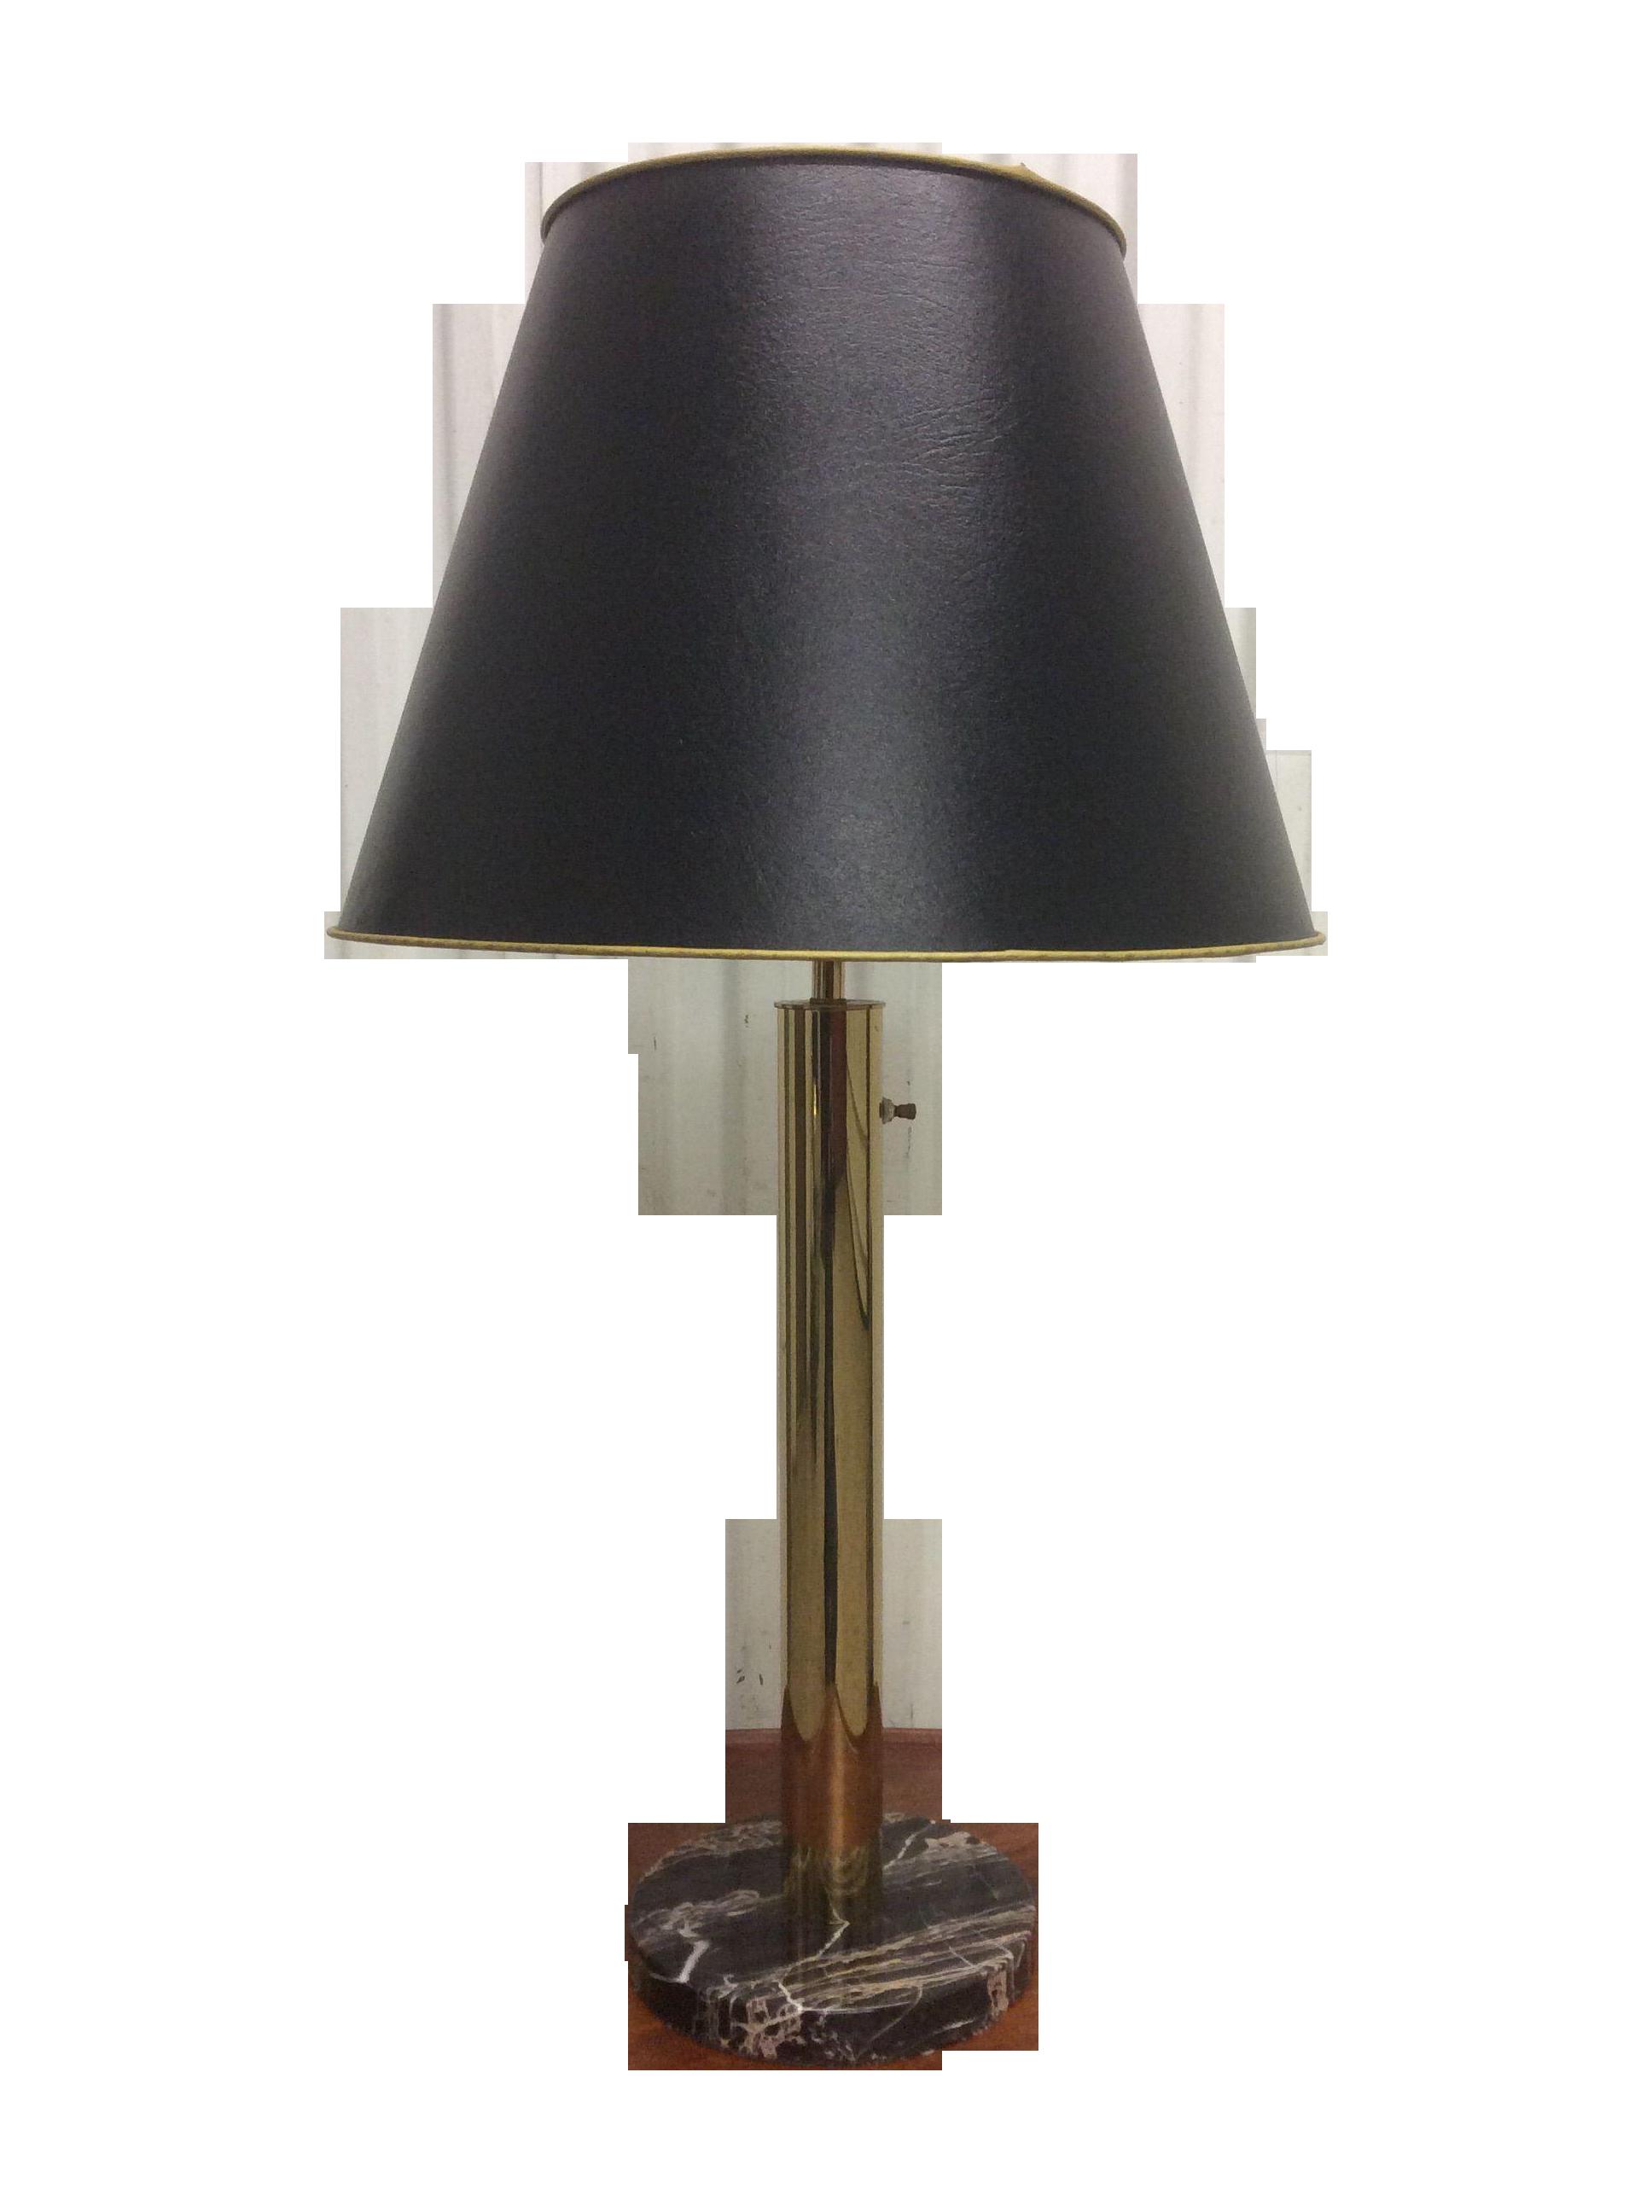 Walter Von Nessen Brass U0026 Marble Table Lamp   Image 1 ...